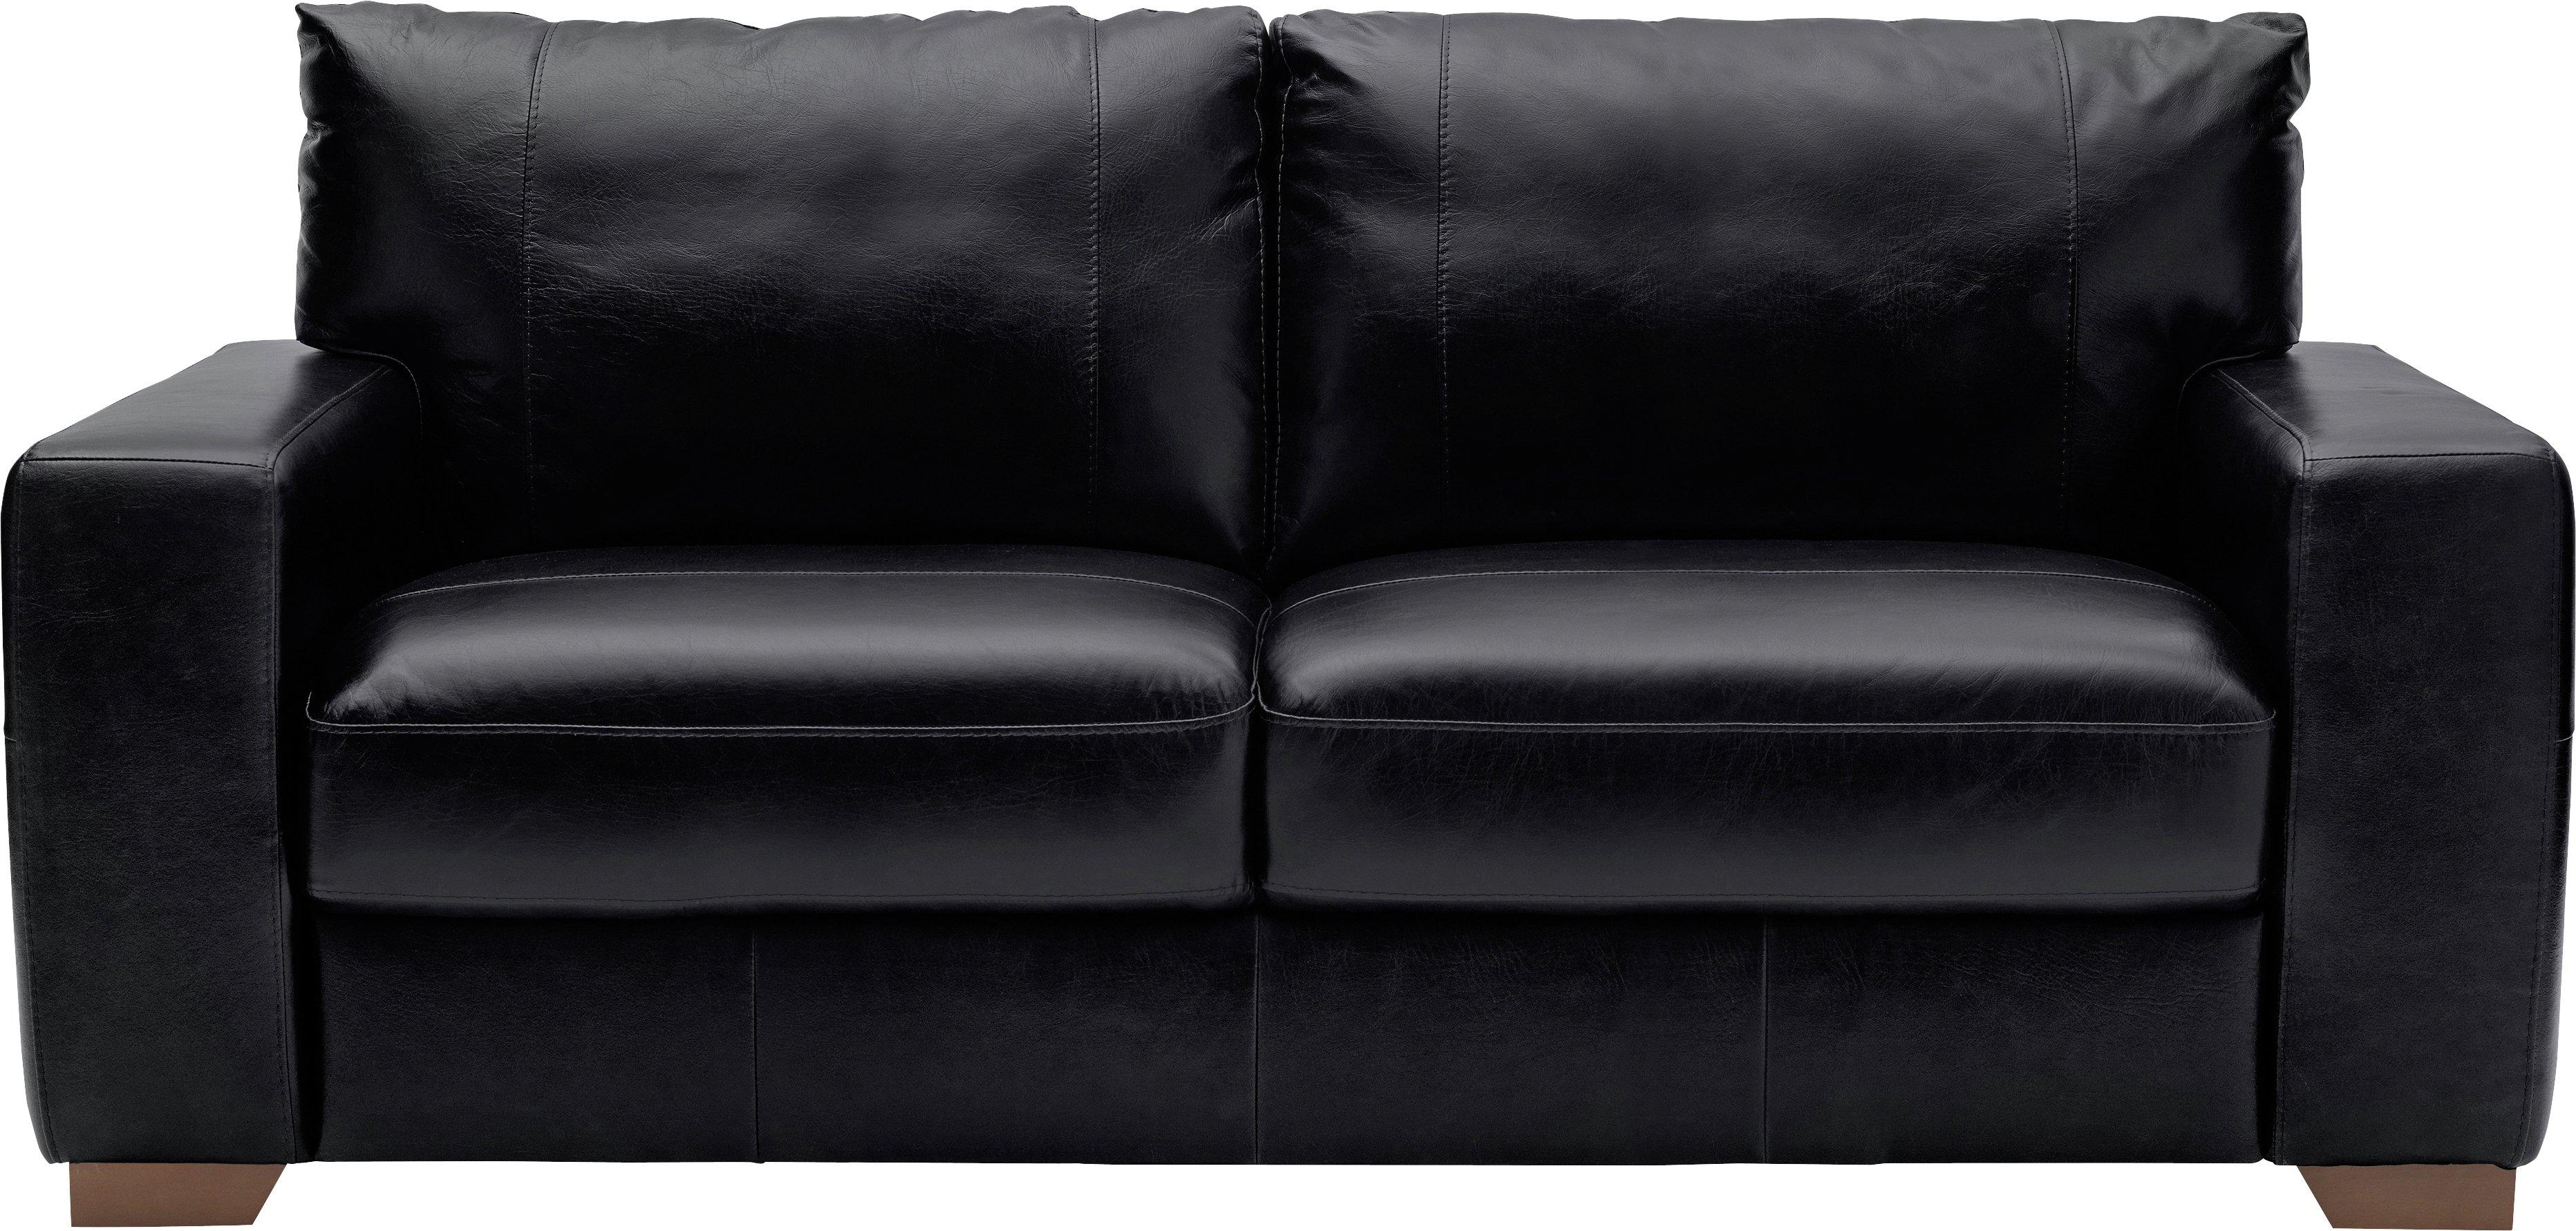 Argos Home Eton 3 Seater Leather Sofa - Black